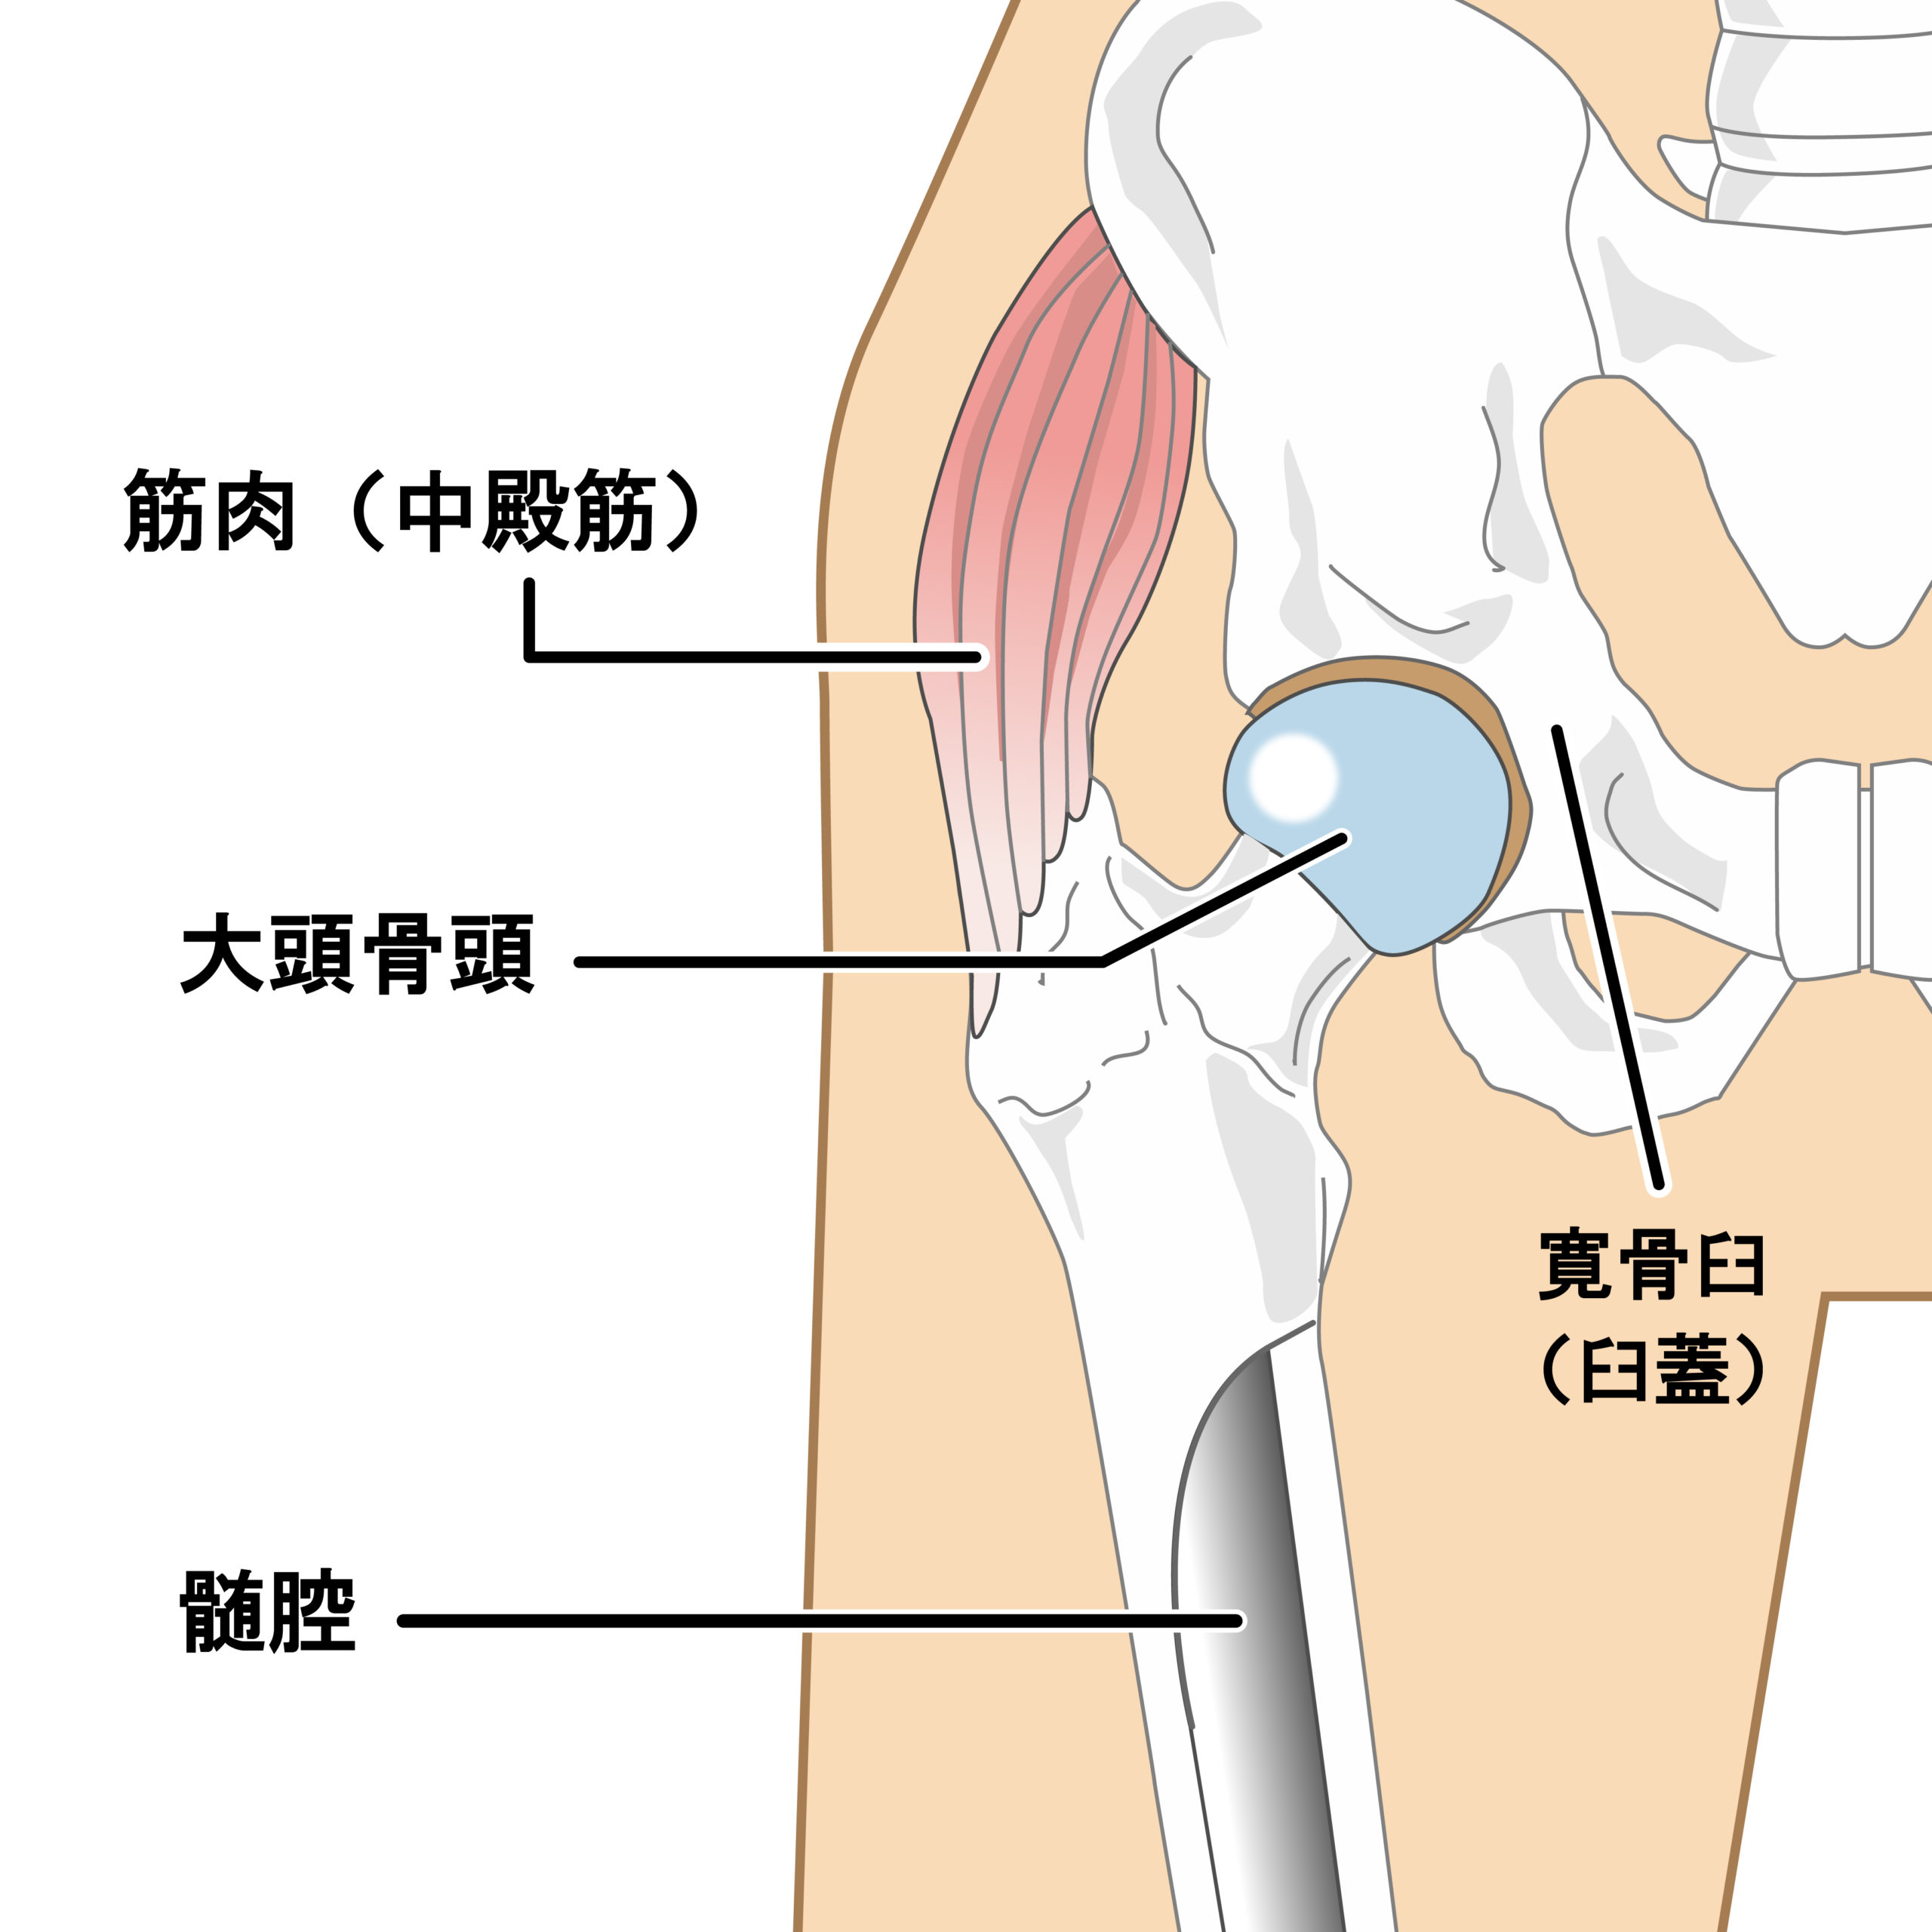 が かく あぐら 股関節 を 痛い と